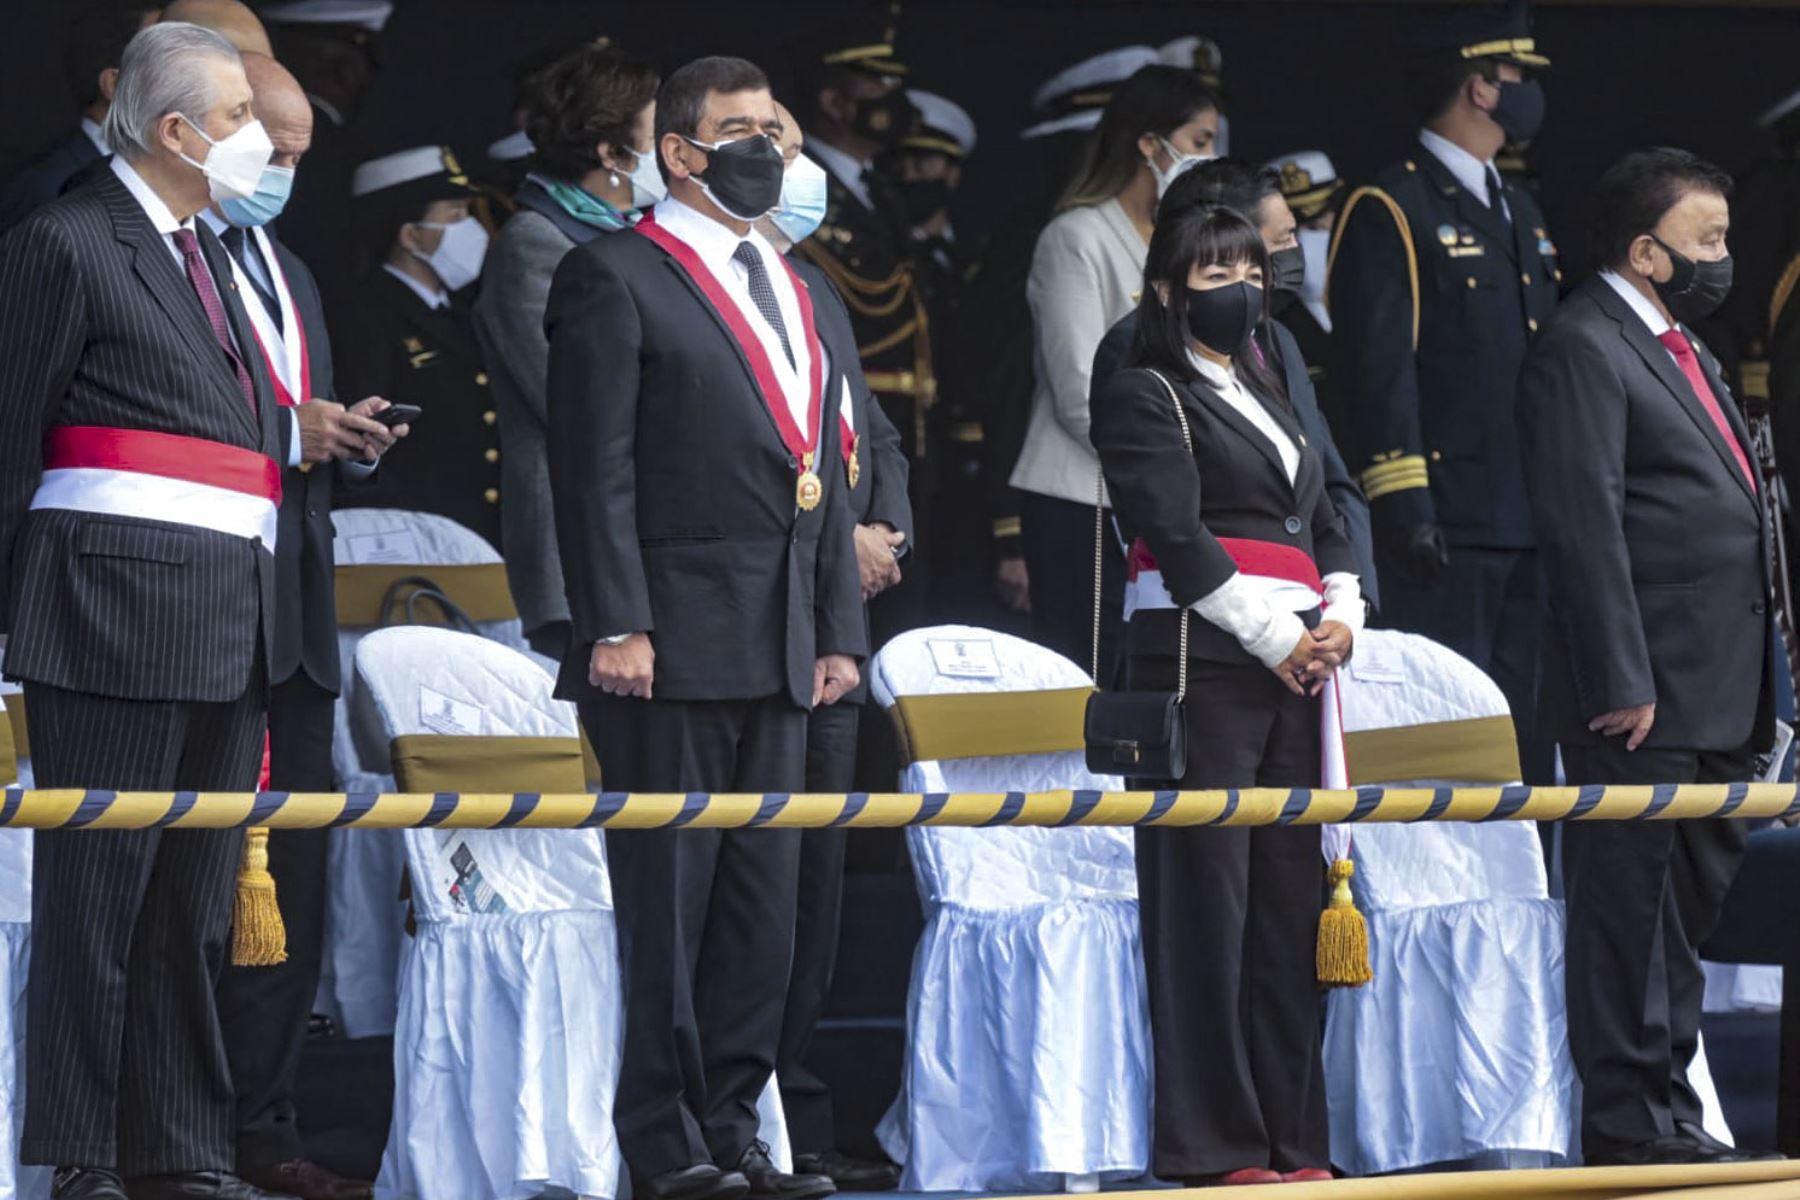 Presidenta de la PCM expresa reconocimiento a la Marina de Guerra por su aniversario